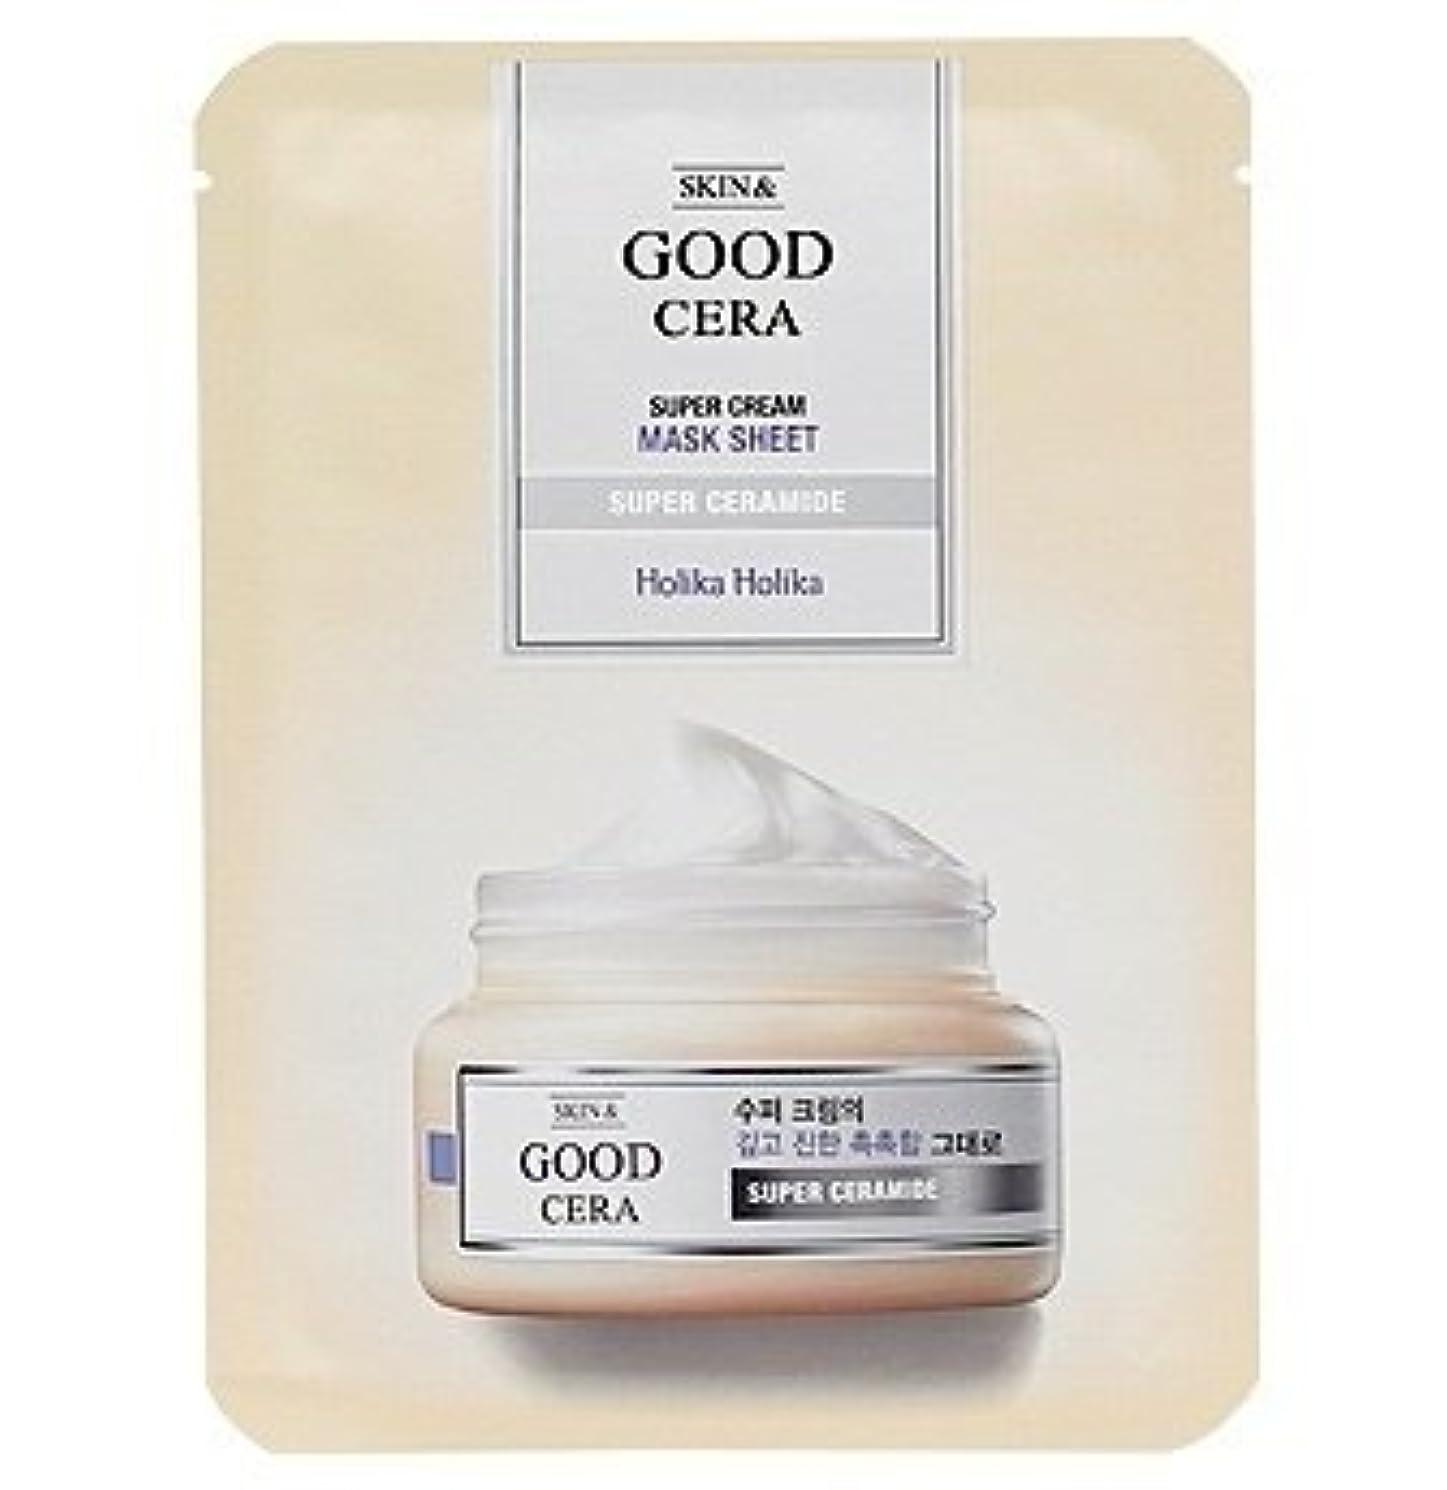 締める芝生投資するホリカホリカ グッドセラ スーパークリーム マスクシート(3枚)Holika Holika Good Cera Super Cream Mask Sheet(3EA) [並行輸入品]